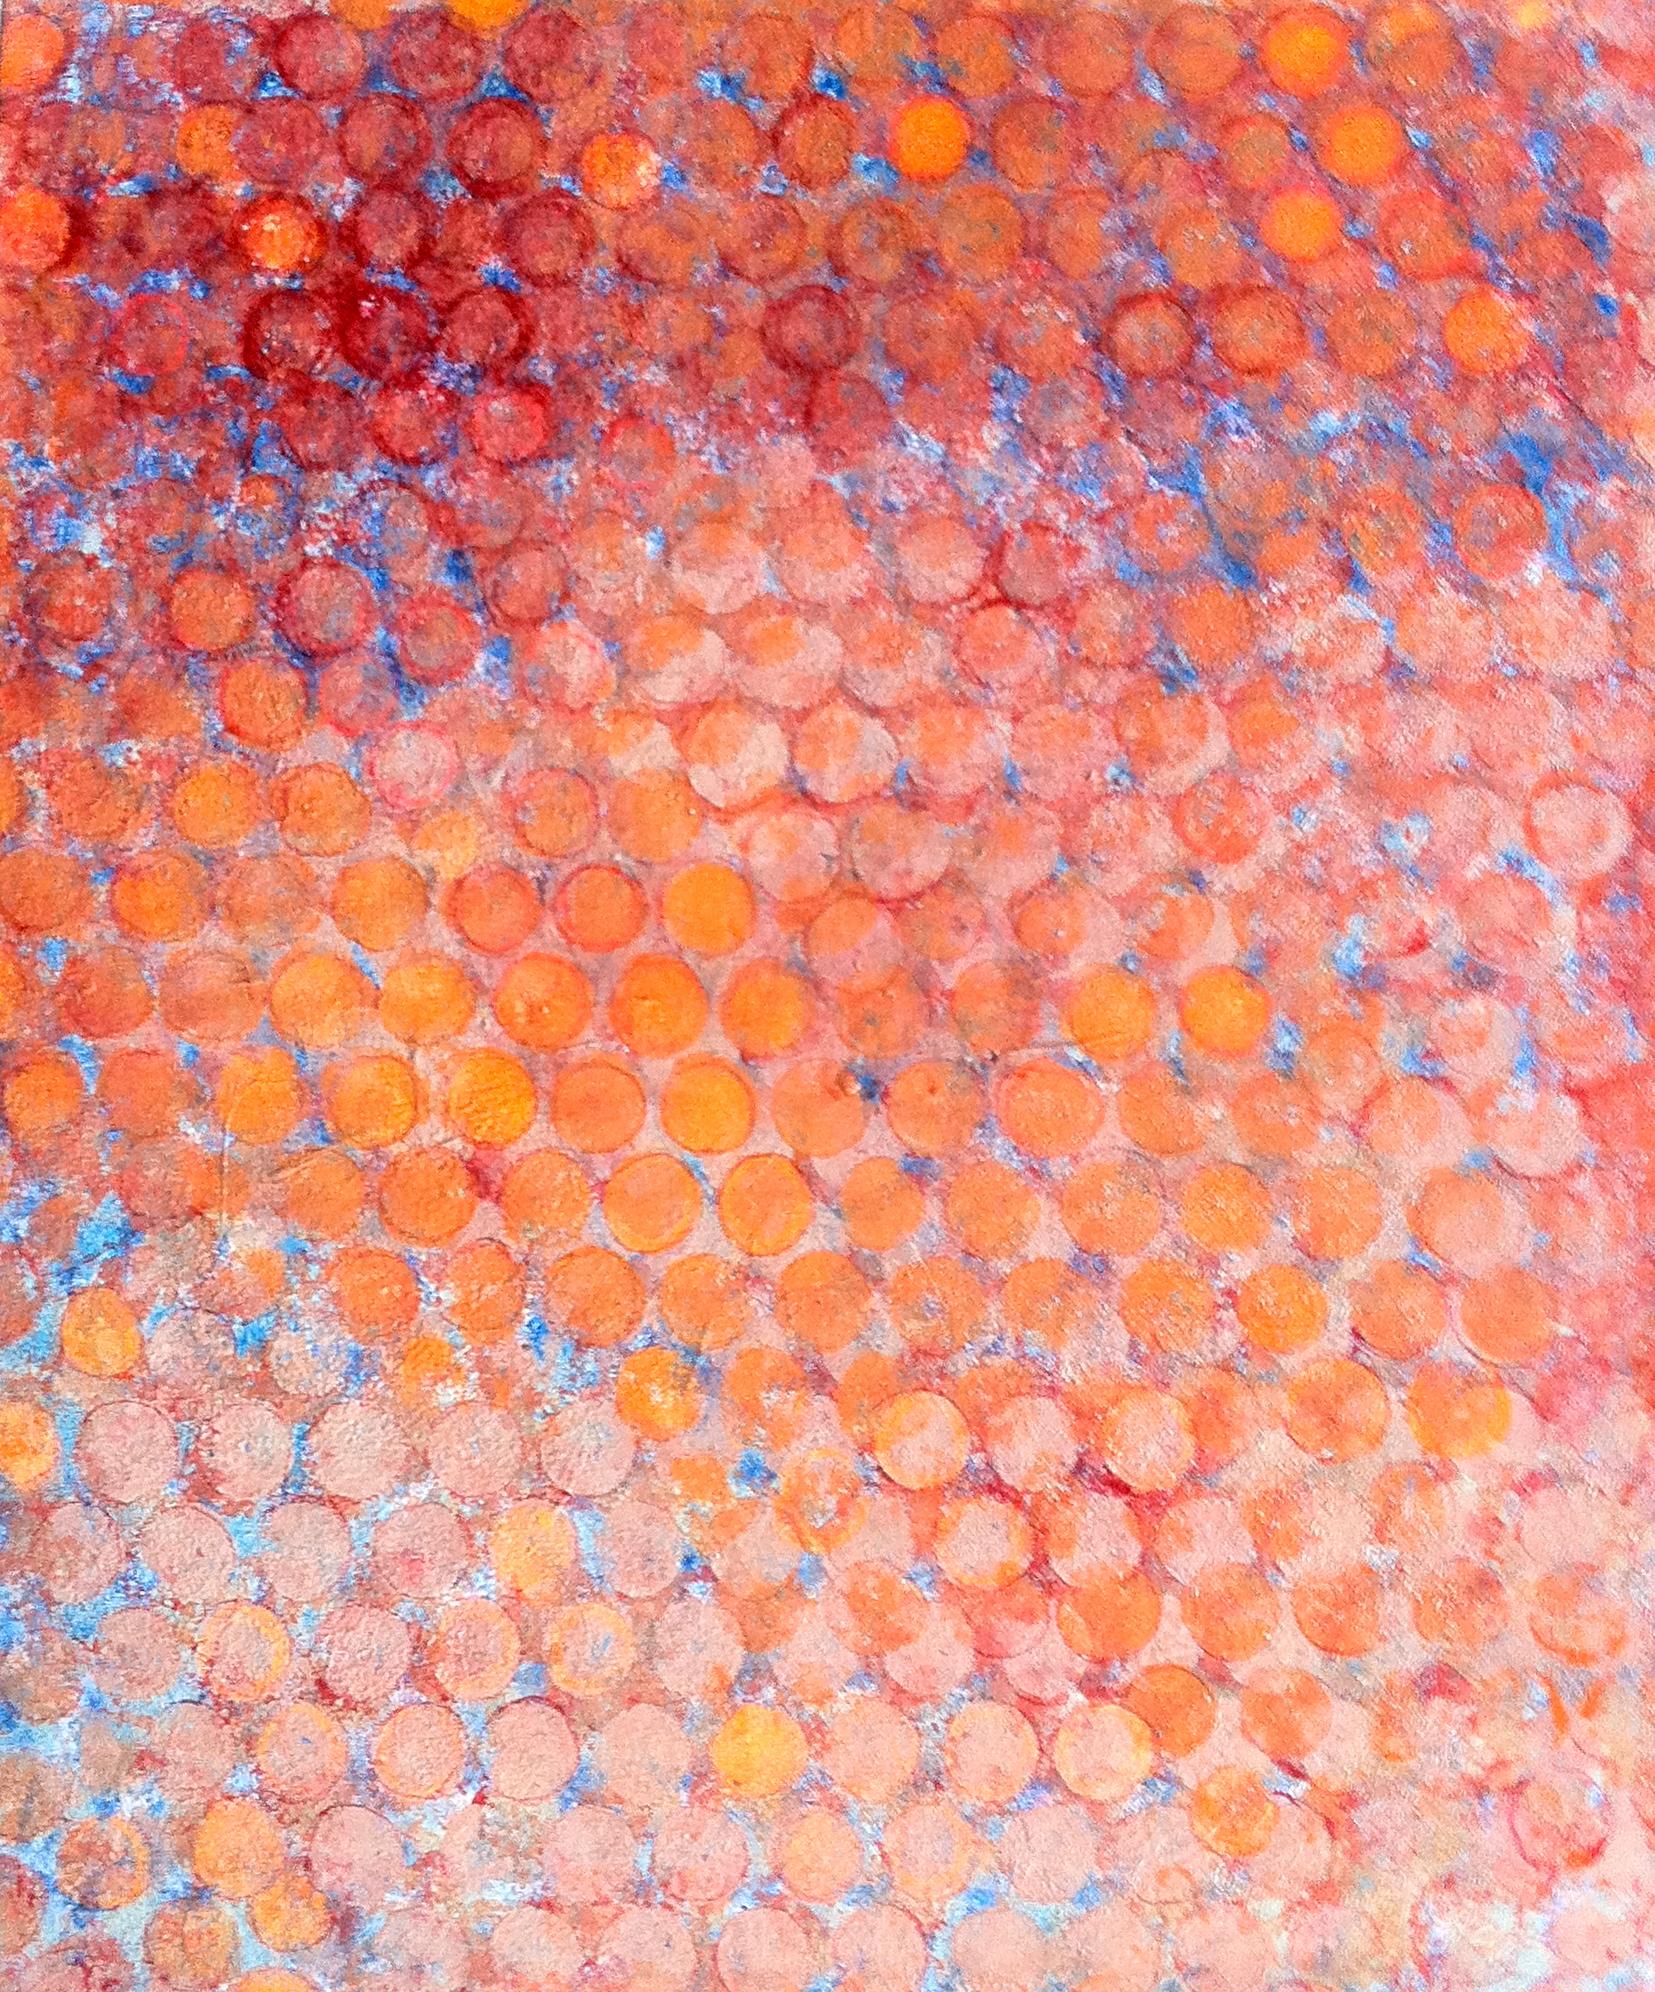 Imaginarium, 2011  24 x 20 inches